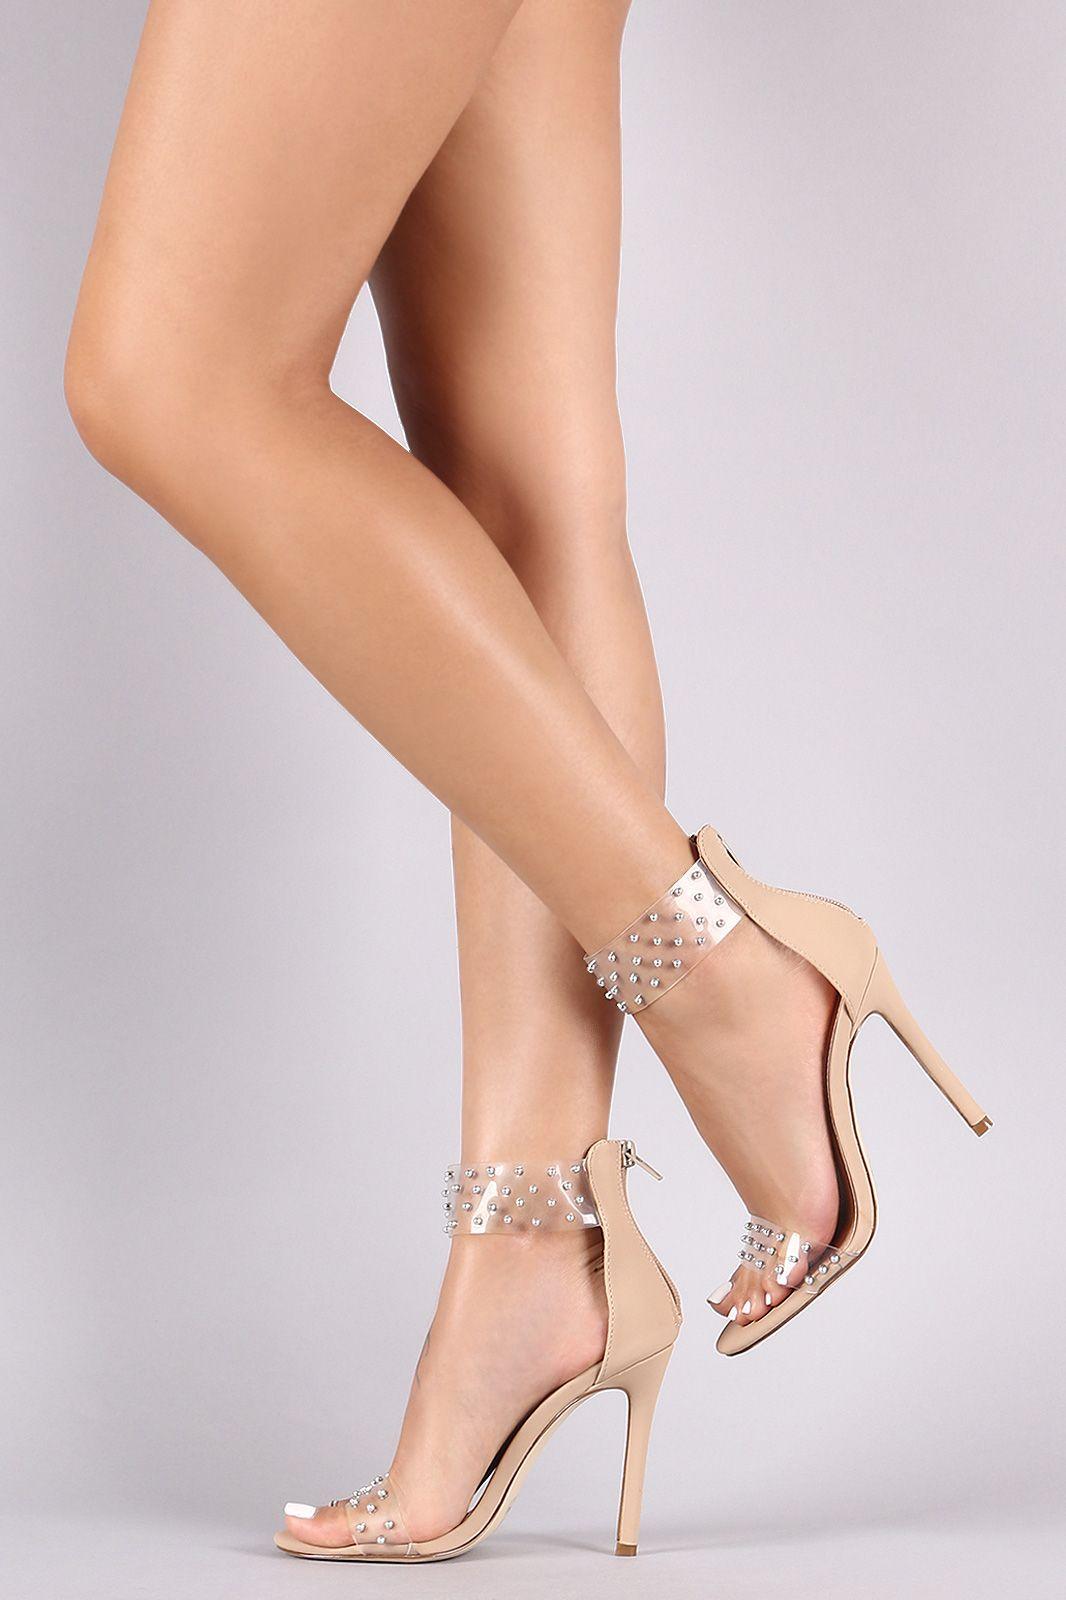 1c349f9d119 Studded Clear PVC Ankle Cuff Stiletto Heel | UrbanOG | HY Sexy Leg ...